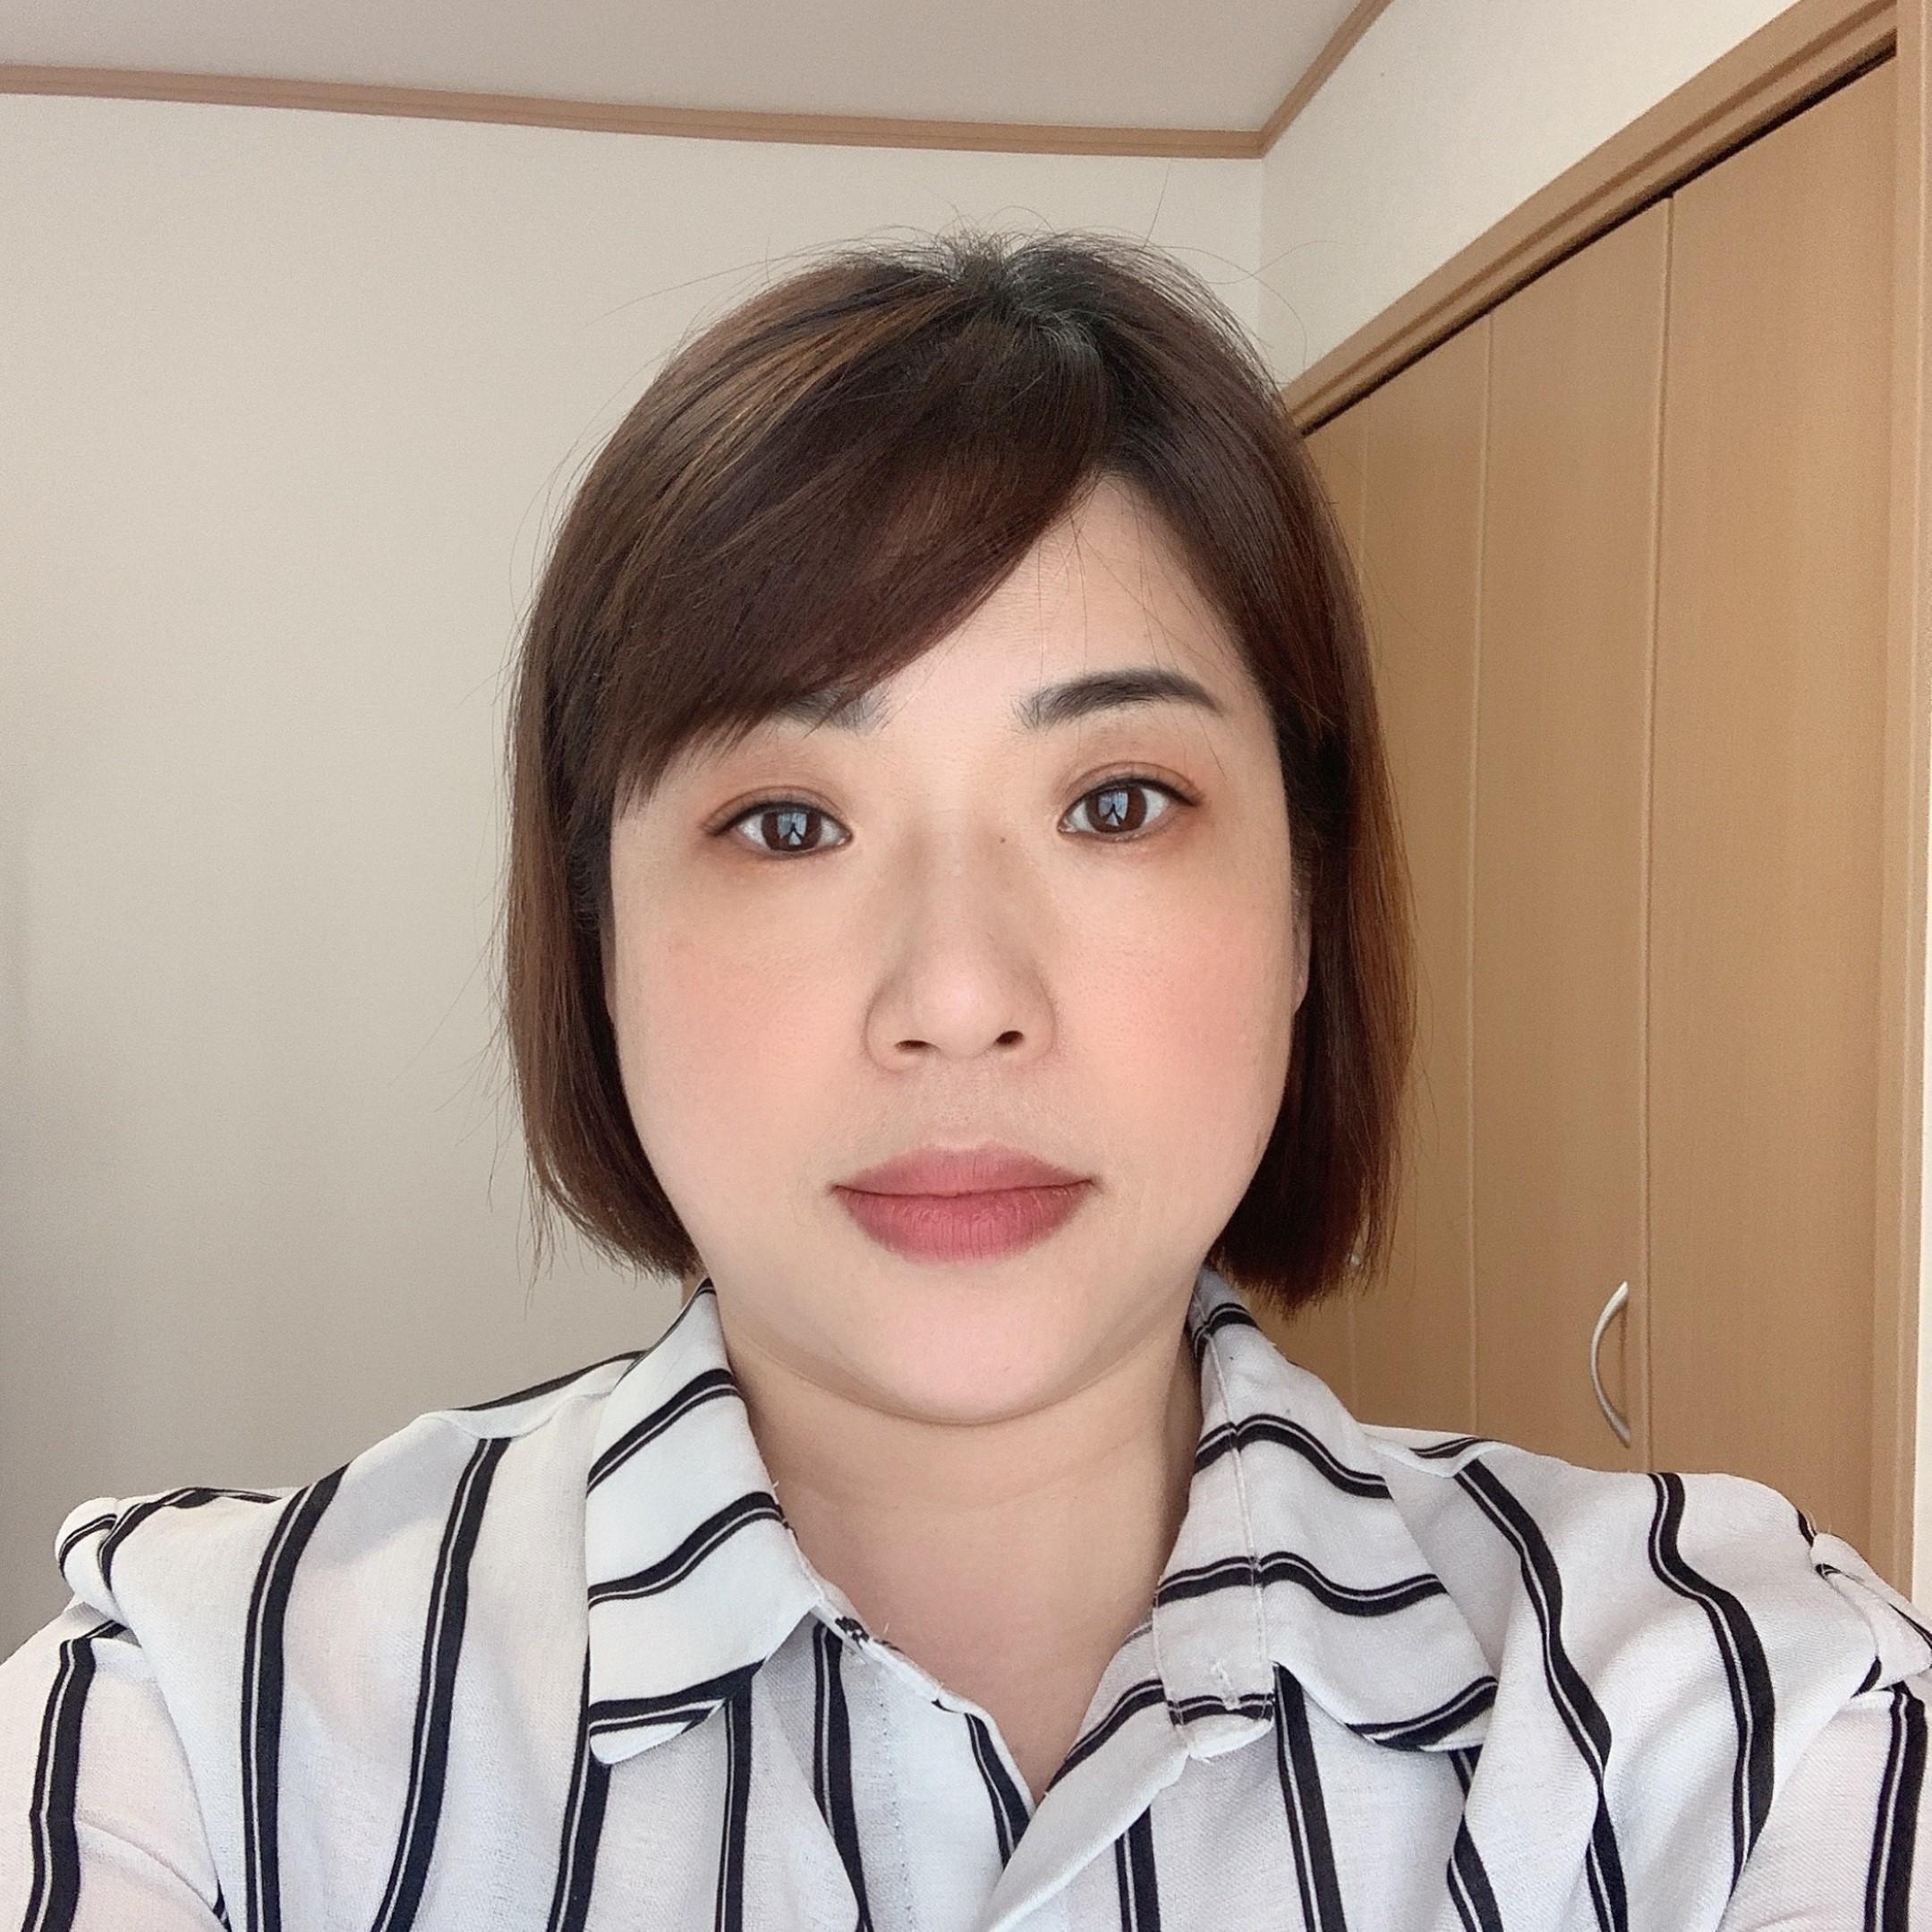 木村仁美(アン・インスク)先生